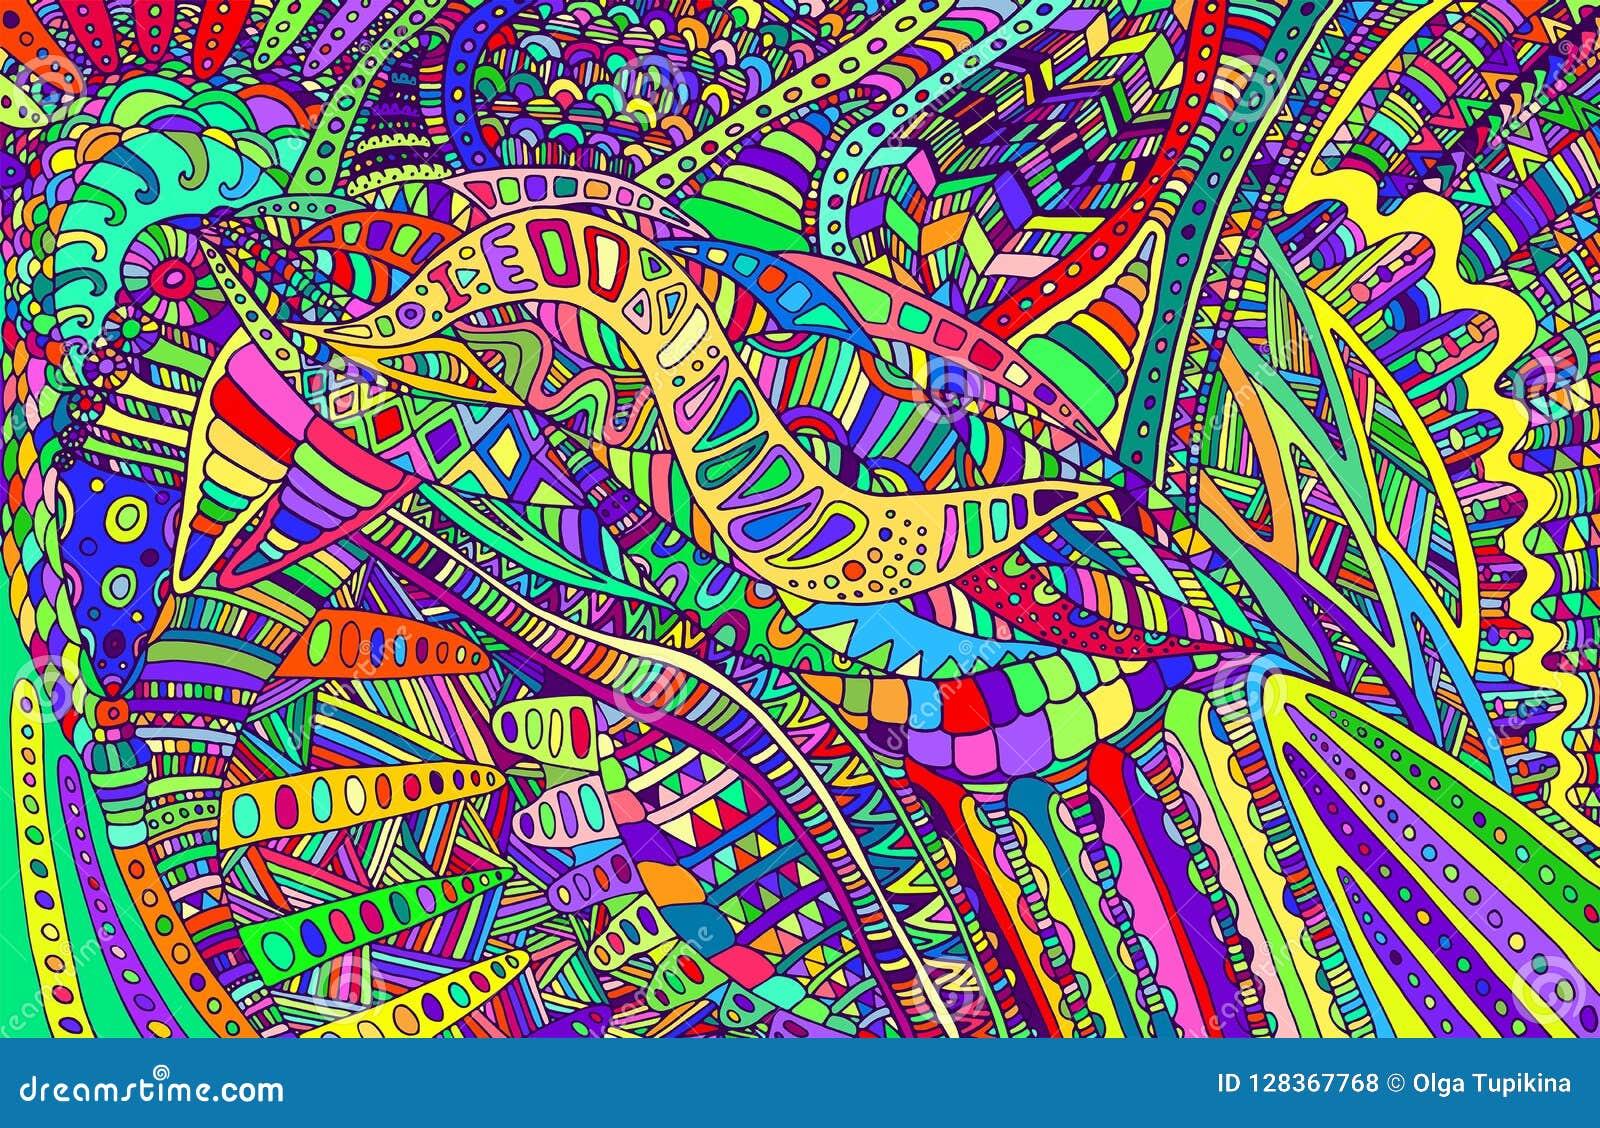 El arco iris colorea el modelo abstracto, laberinto de ornamentos psychedelic